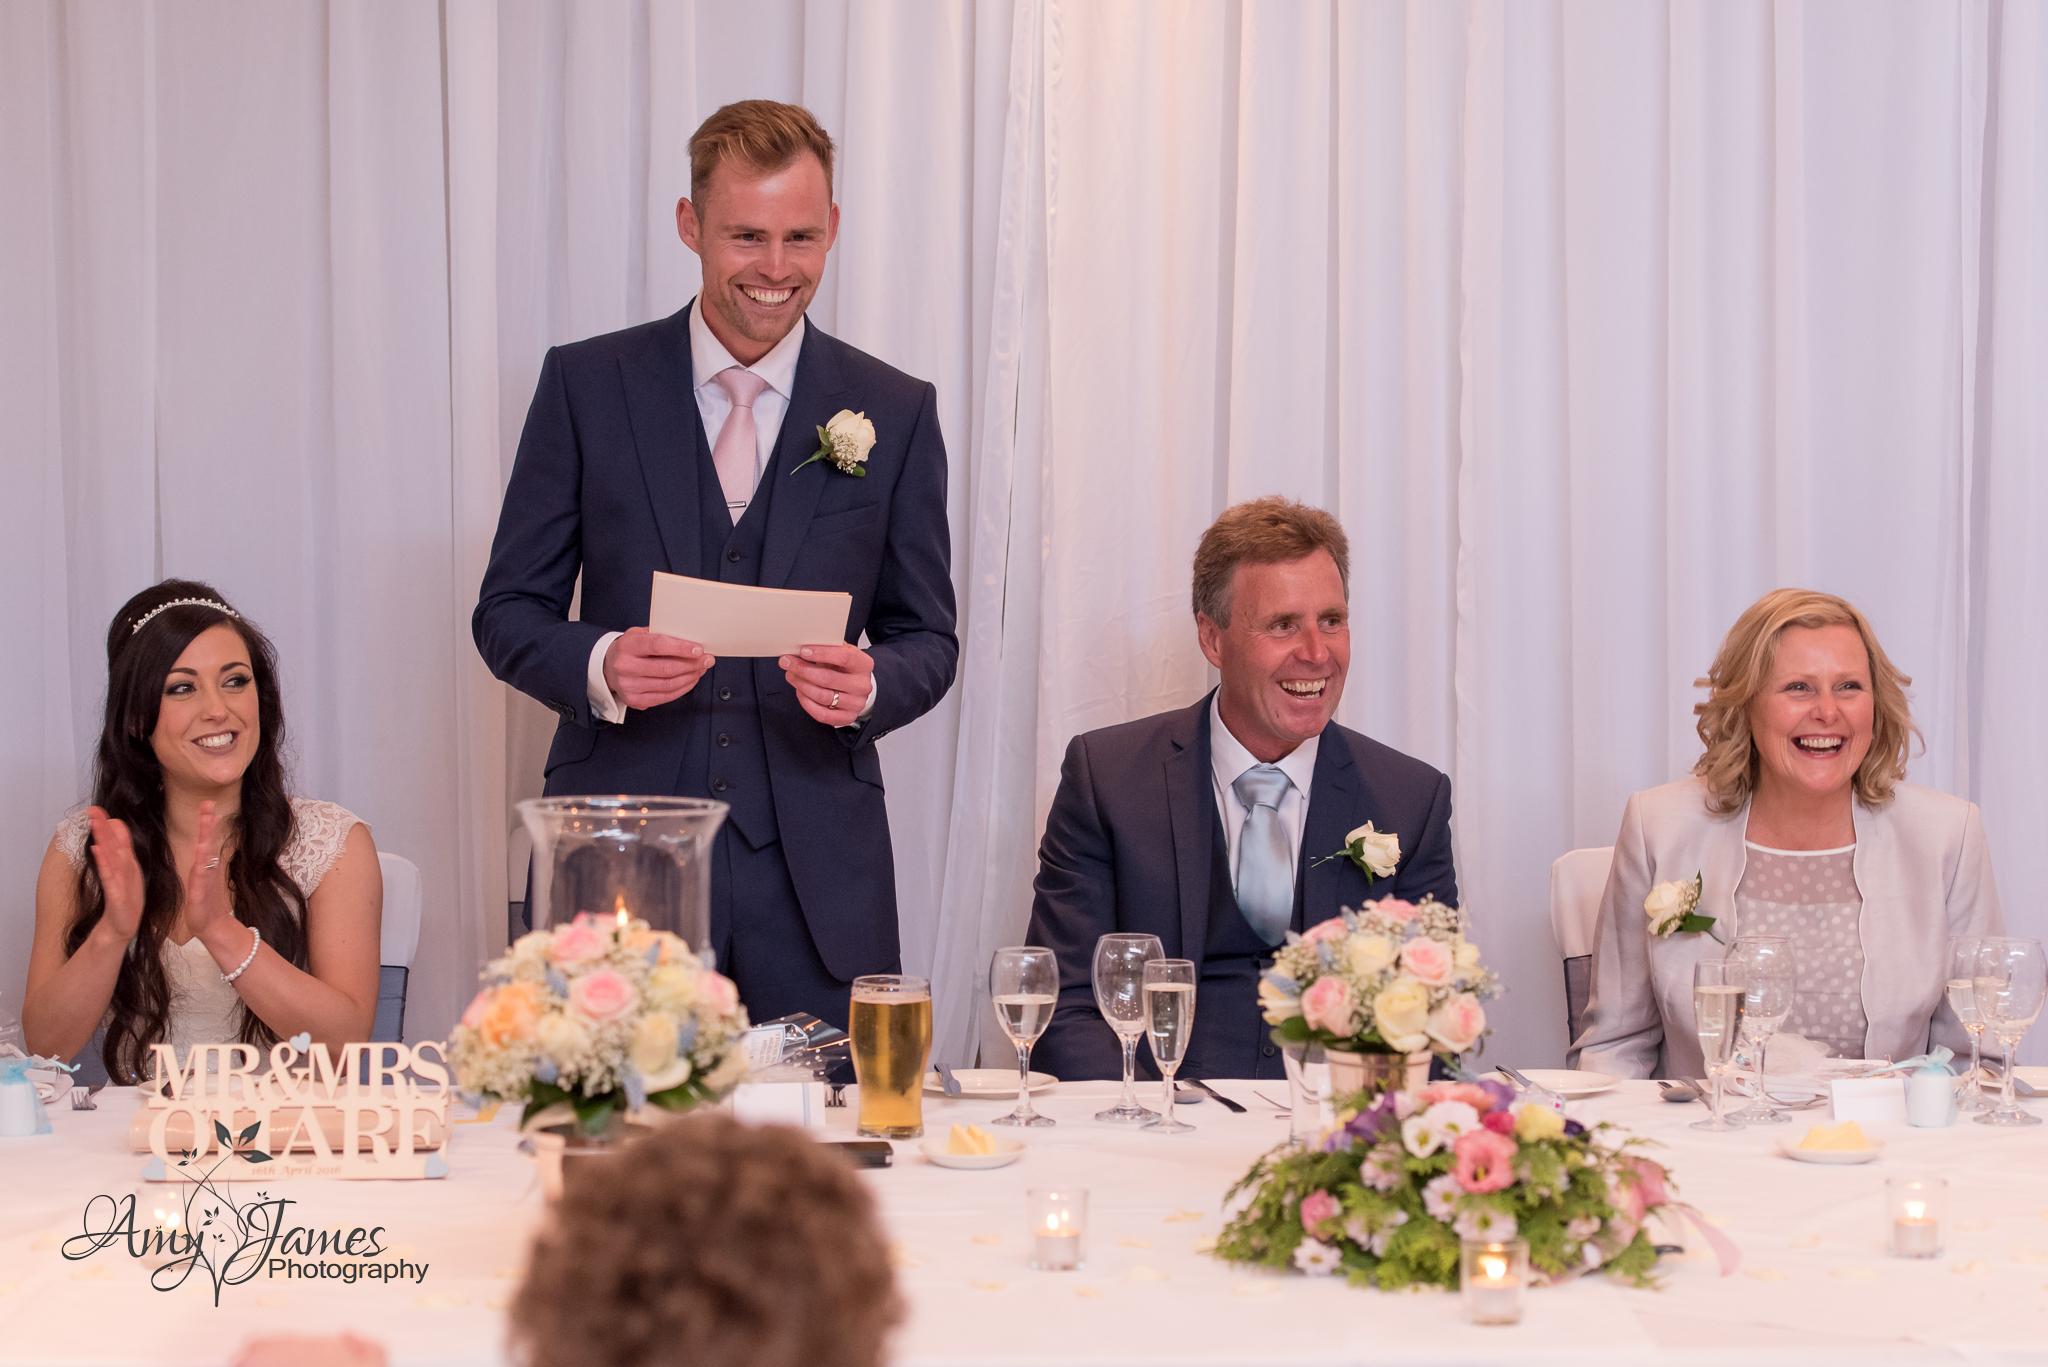 Hampshire wedding photographer // Fleet wedding photographer // Warbrook House wedding photographer